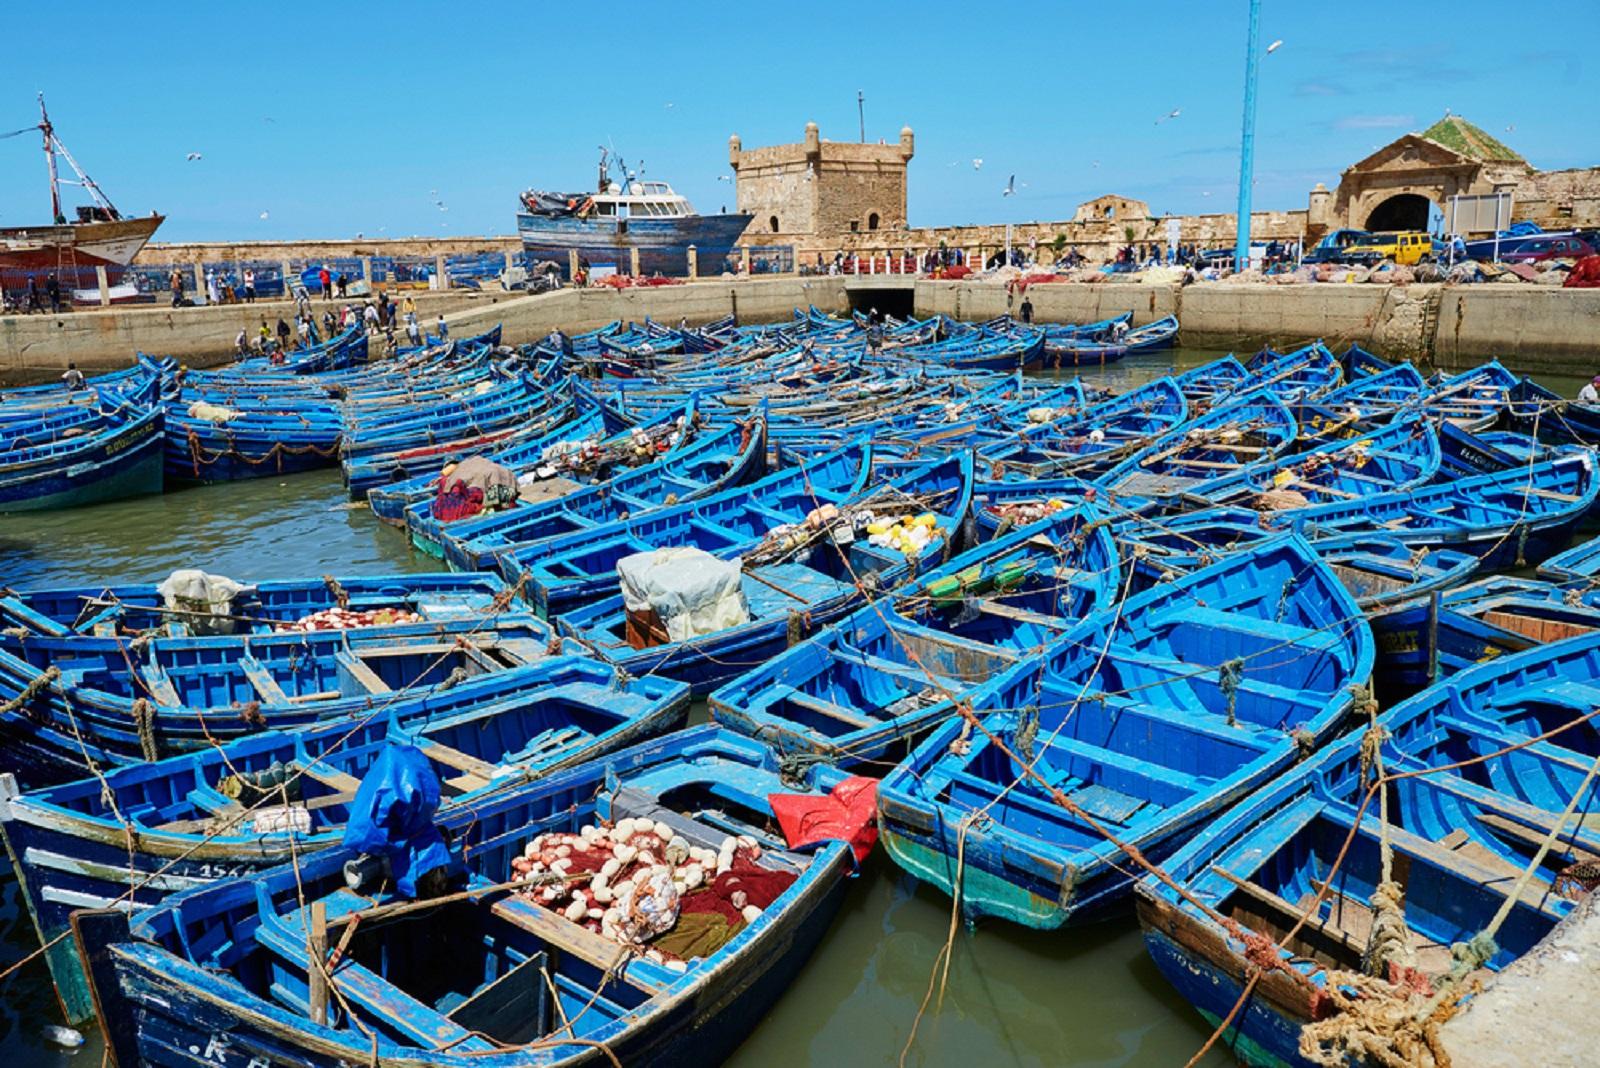 Les restaurants emblématiques de Marrakech : où découvrir les spécialités locales?